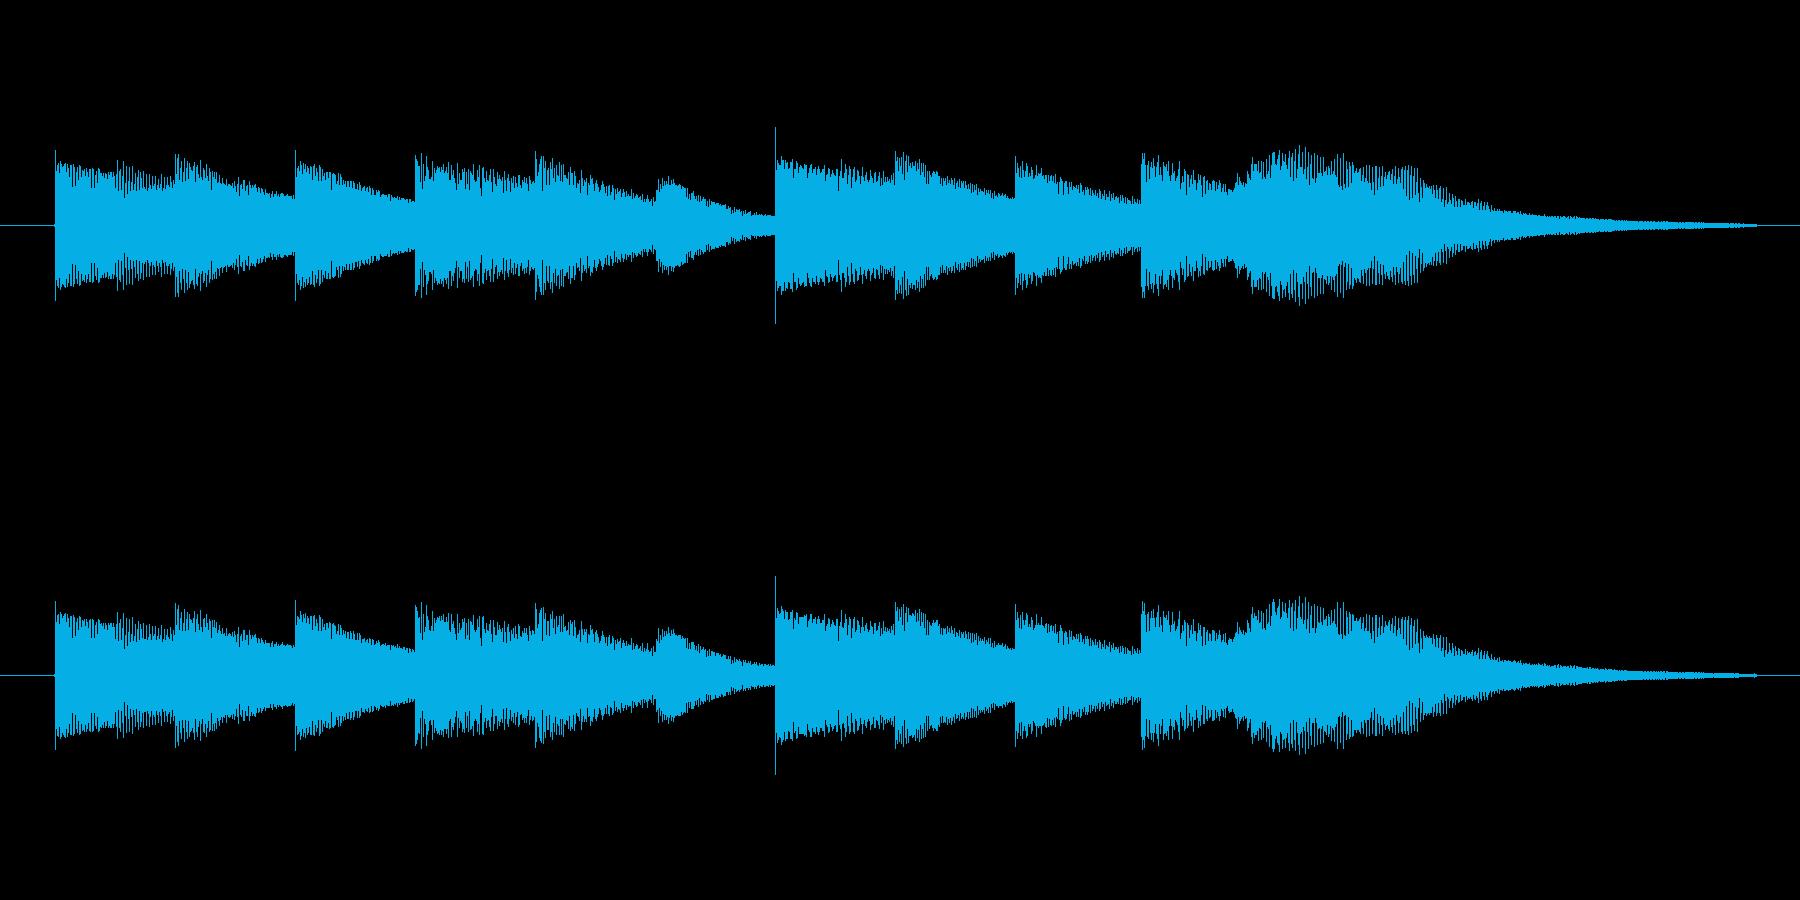 透明感のある音源使用 お知らせの合図ベ…の再生済みの波形